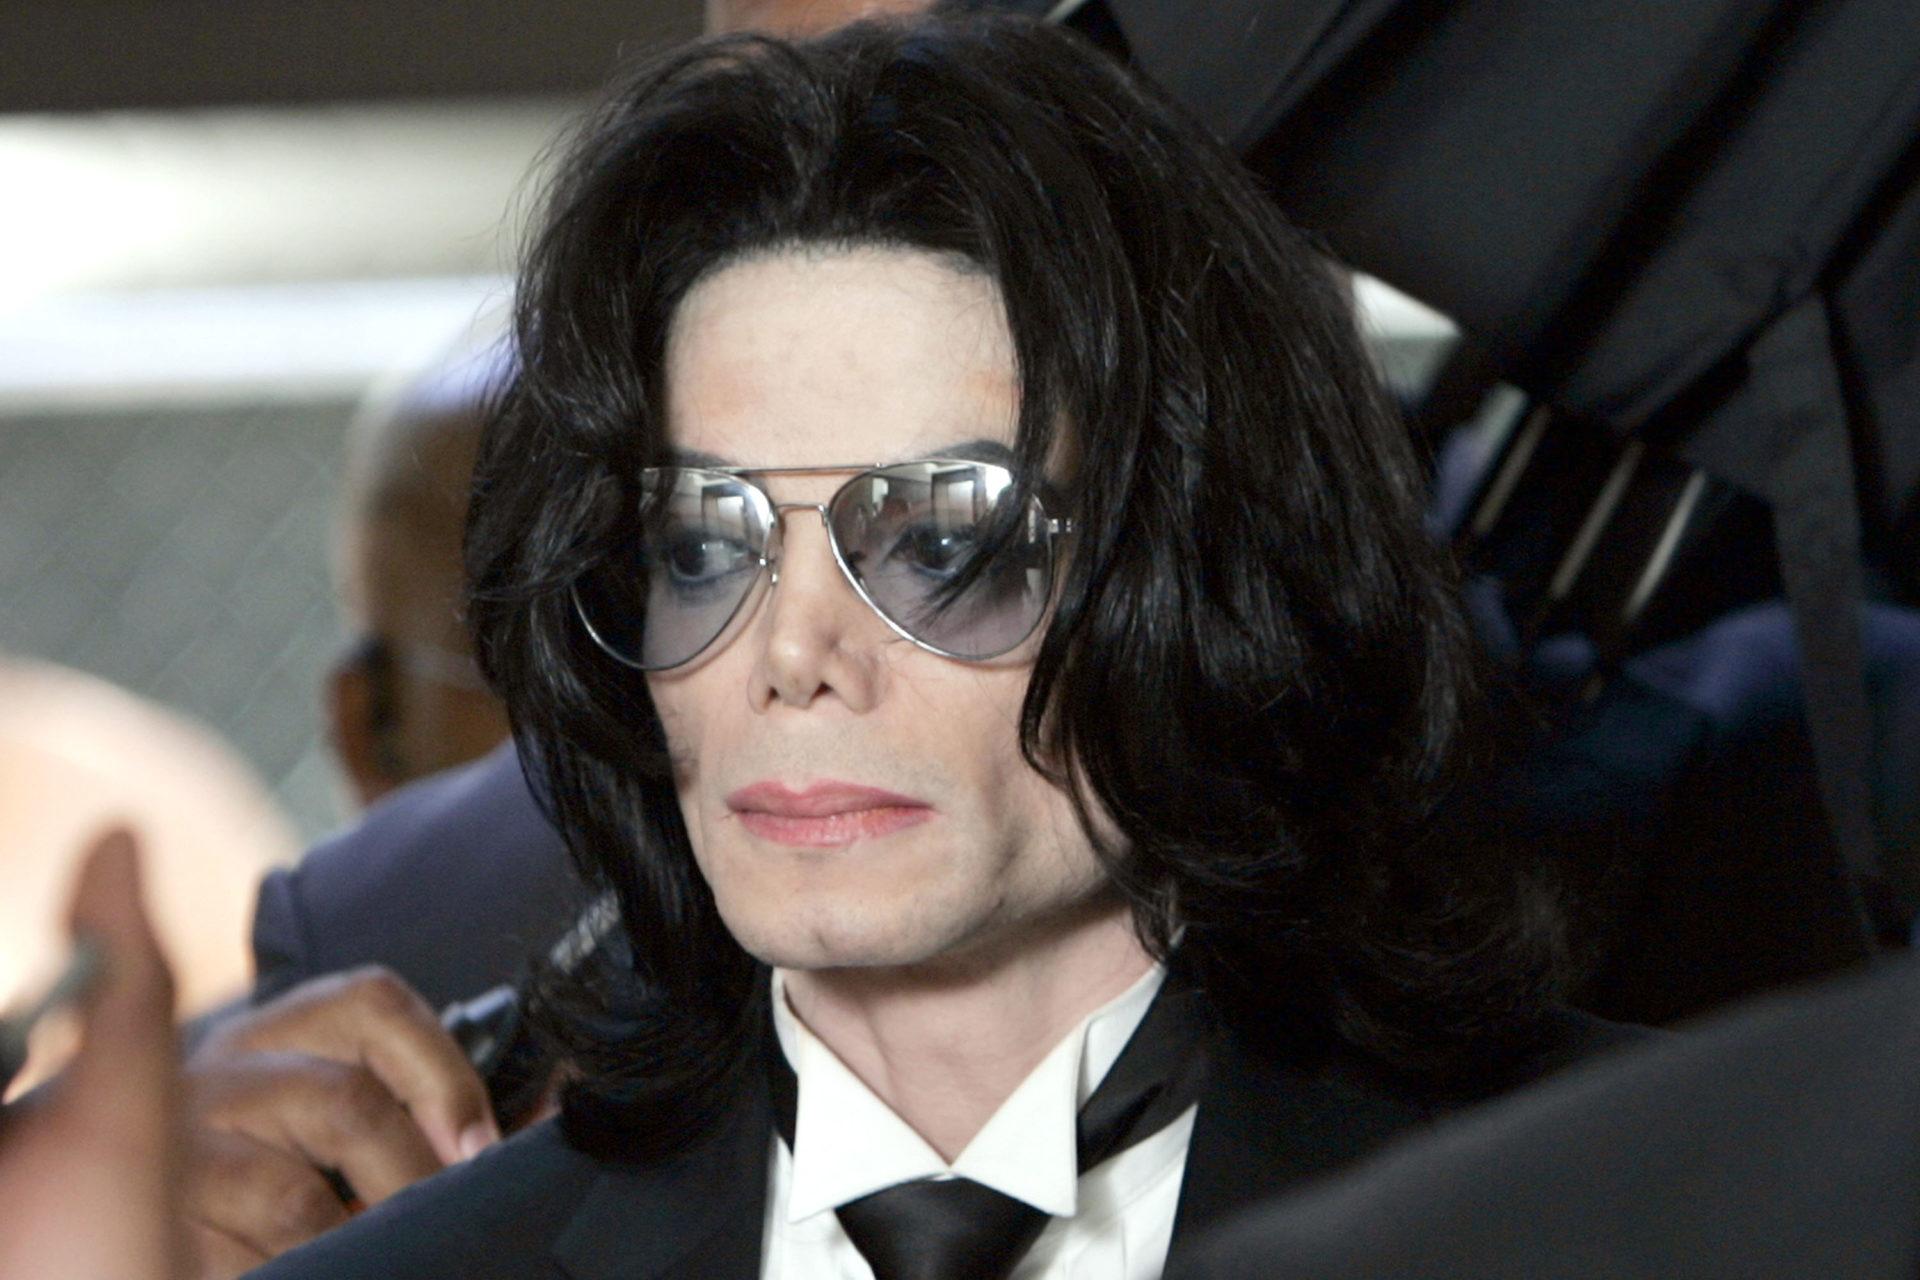 Michael Jackson vivo e congelado? Entenda bizarra teoria - 1